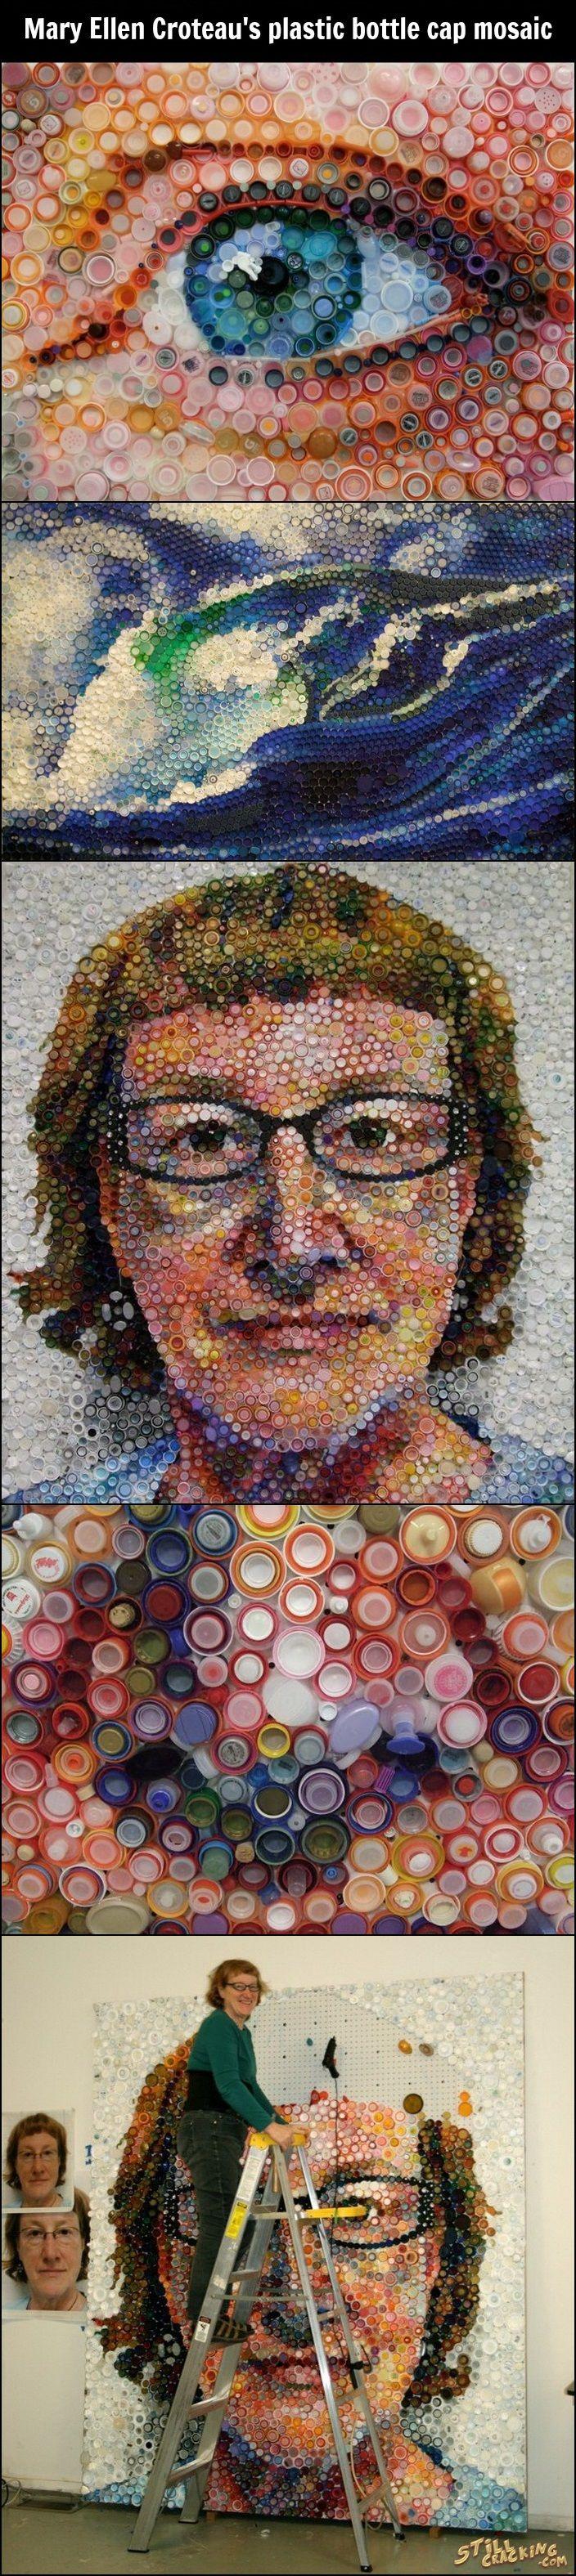 Plastic Bottle Cap Mosaic by Mary Ellen Croteau